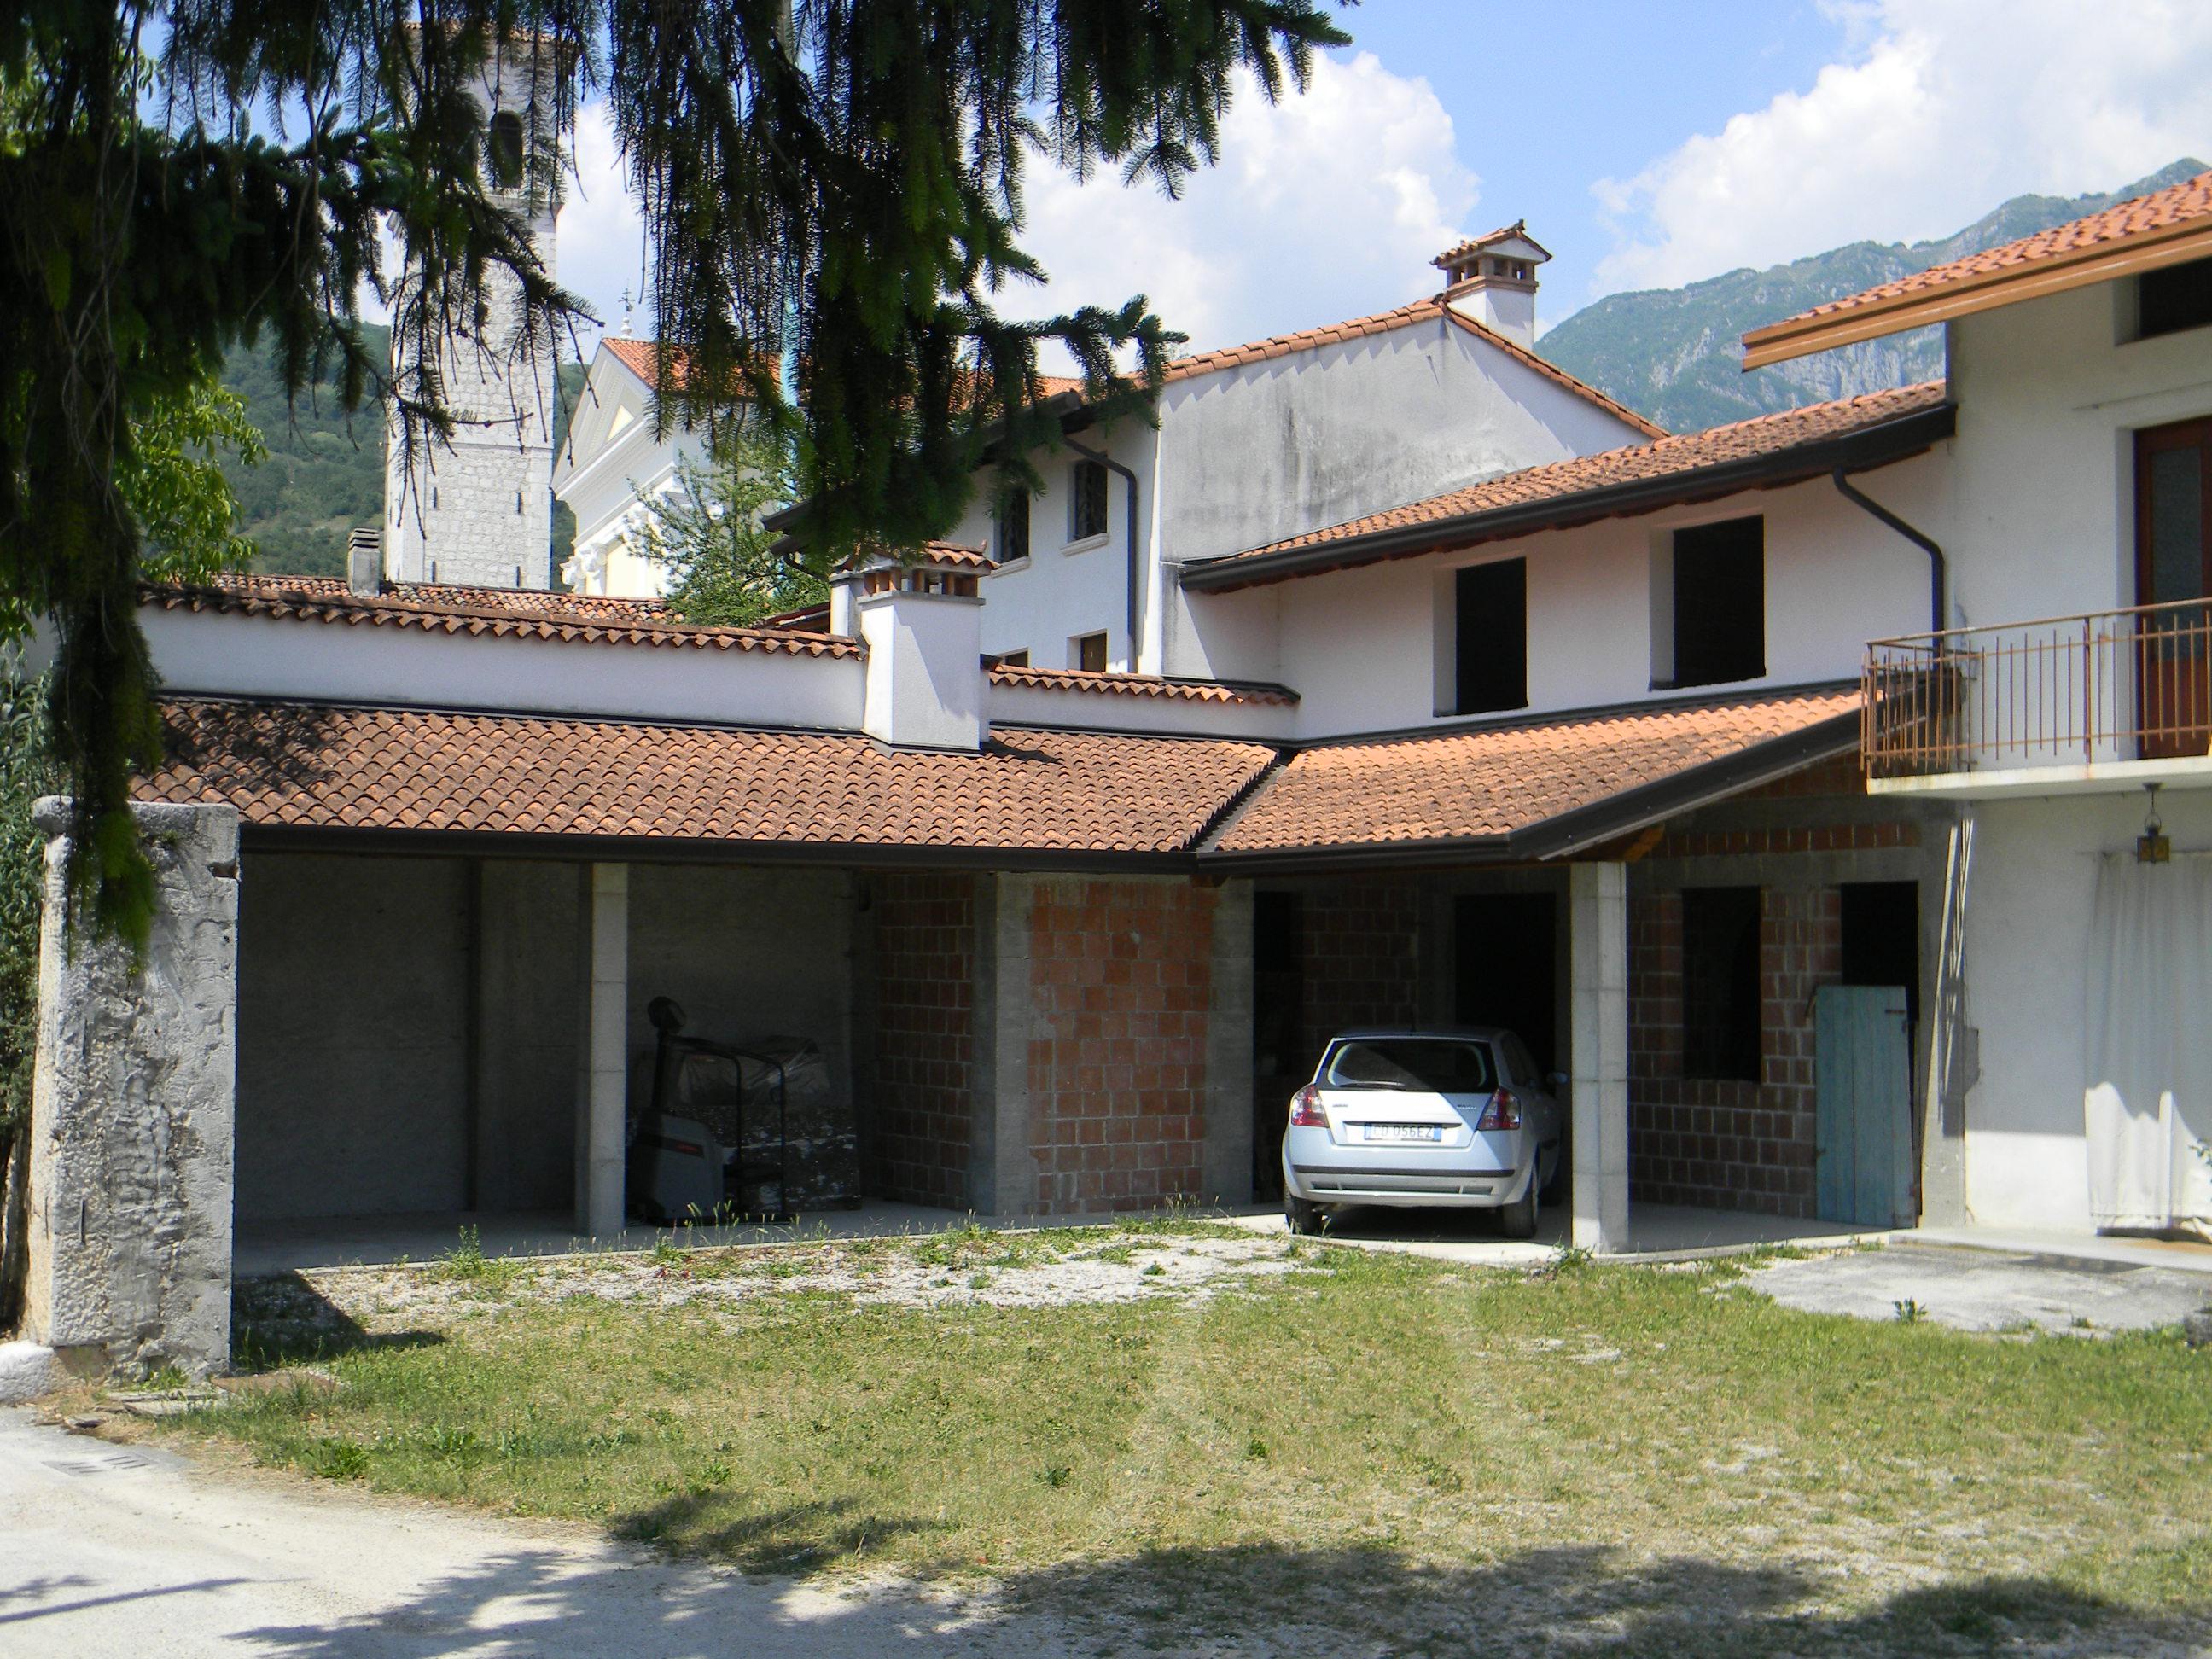 Casa contigua al grezzo montereale valcellina pn 1029 for Piani di casa storici avvolgono portico